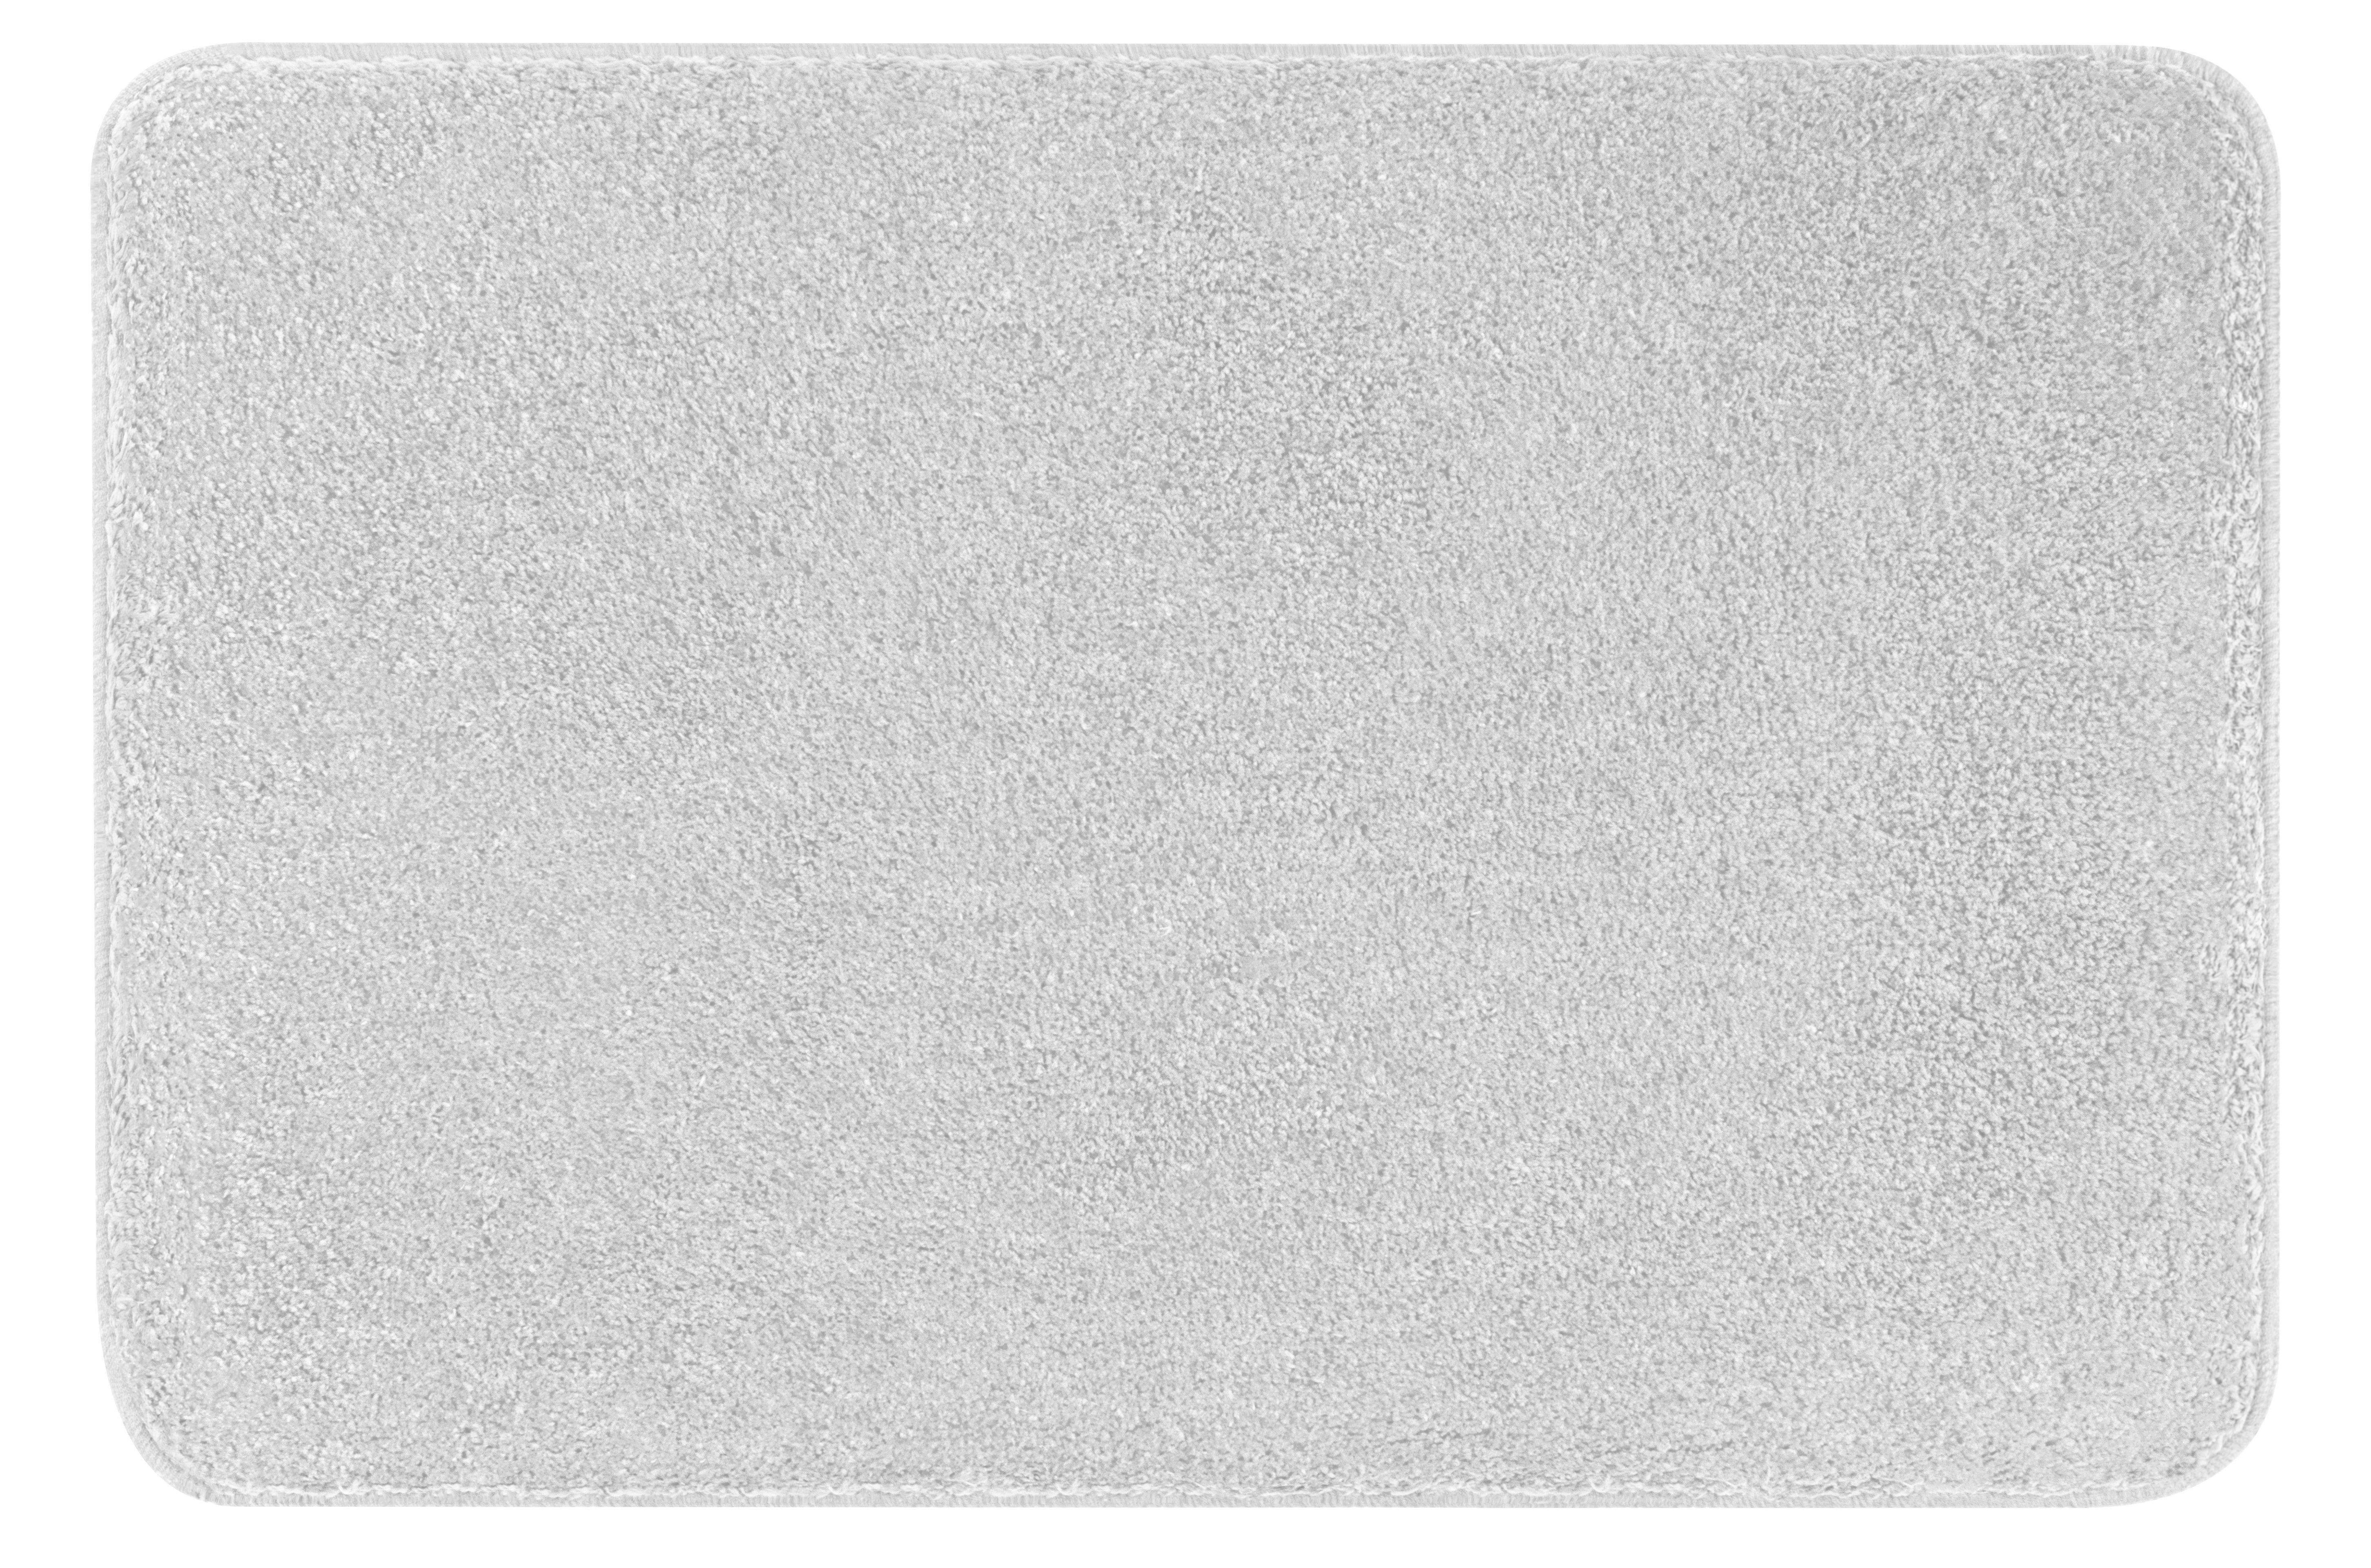 Badteppich Meadow Silbergrau B:60cm